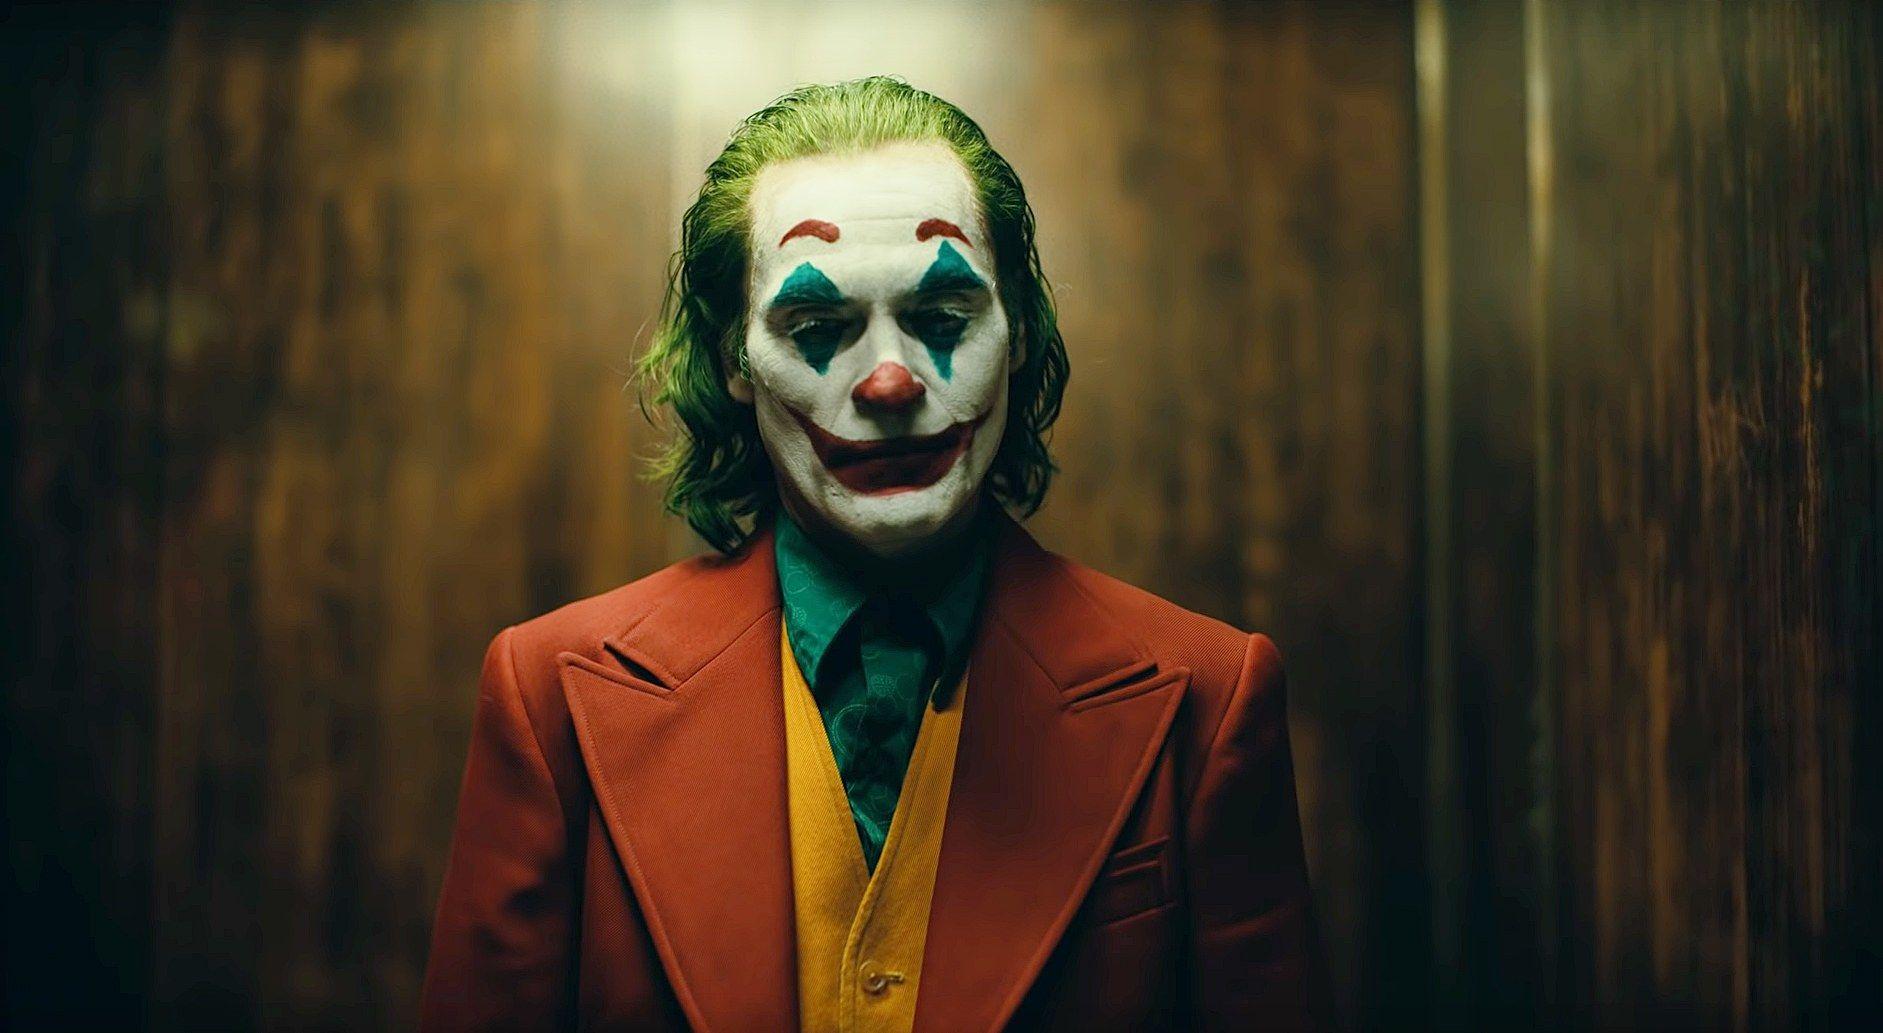 Фильмы про Джокера: «Темный рыцарь», «Бэтмен» и другие